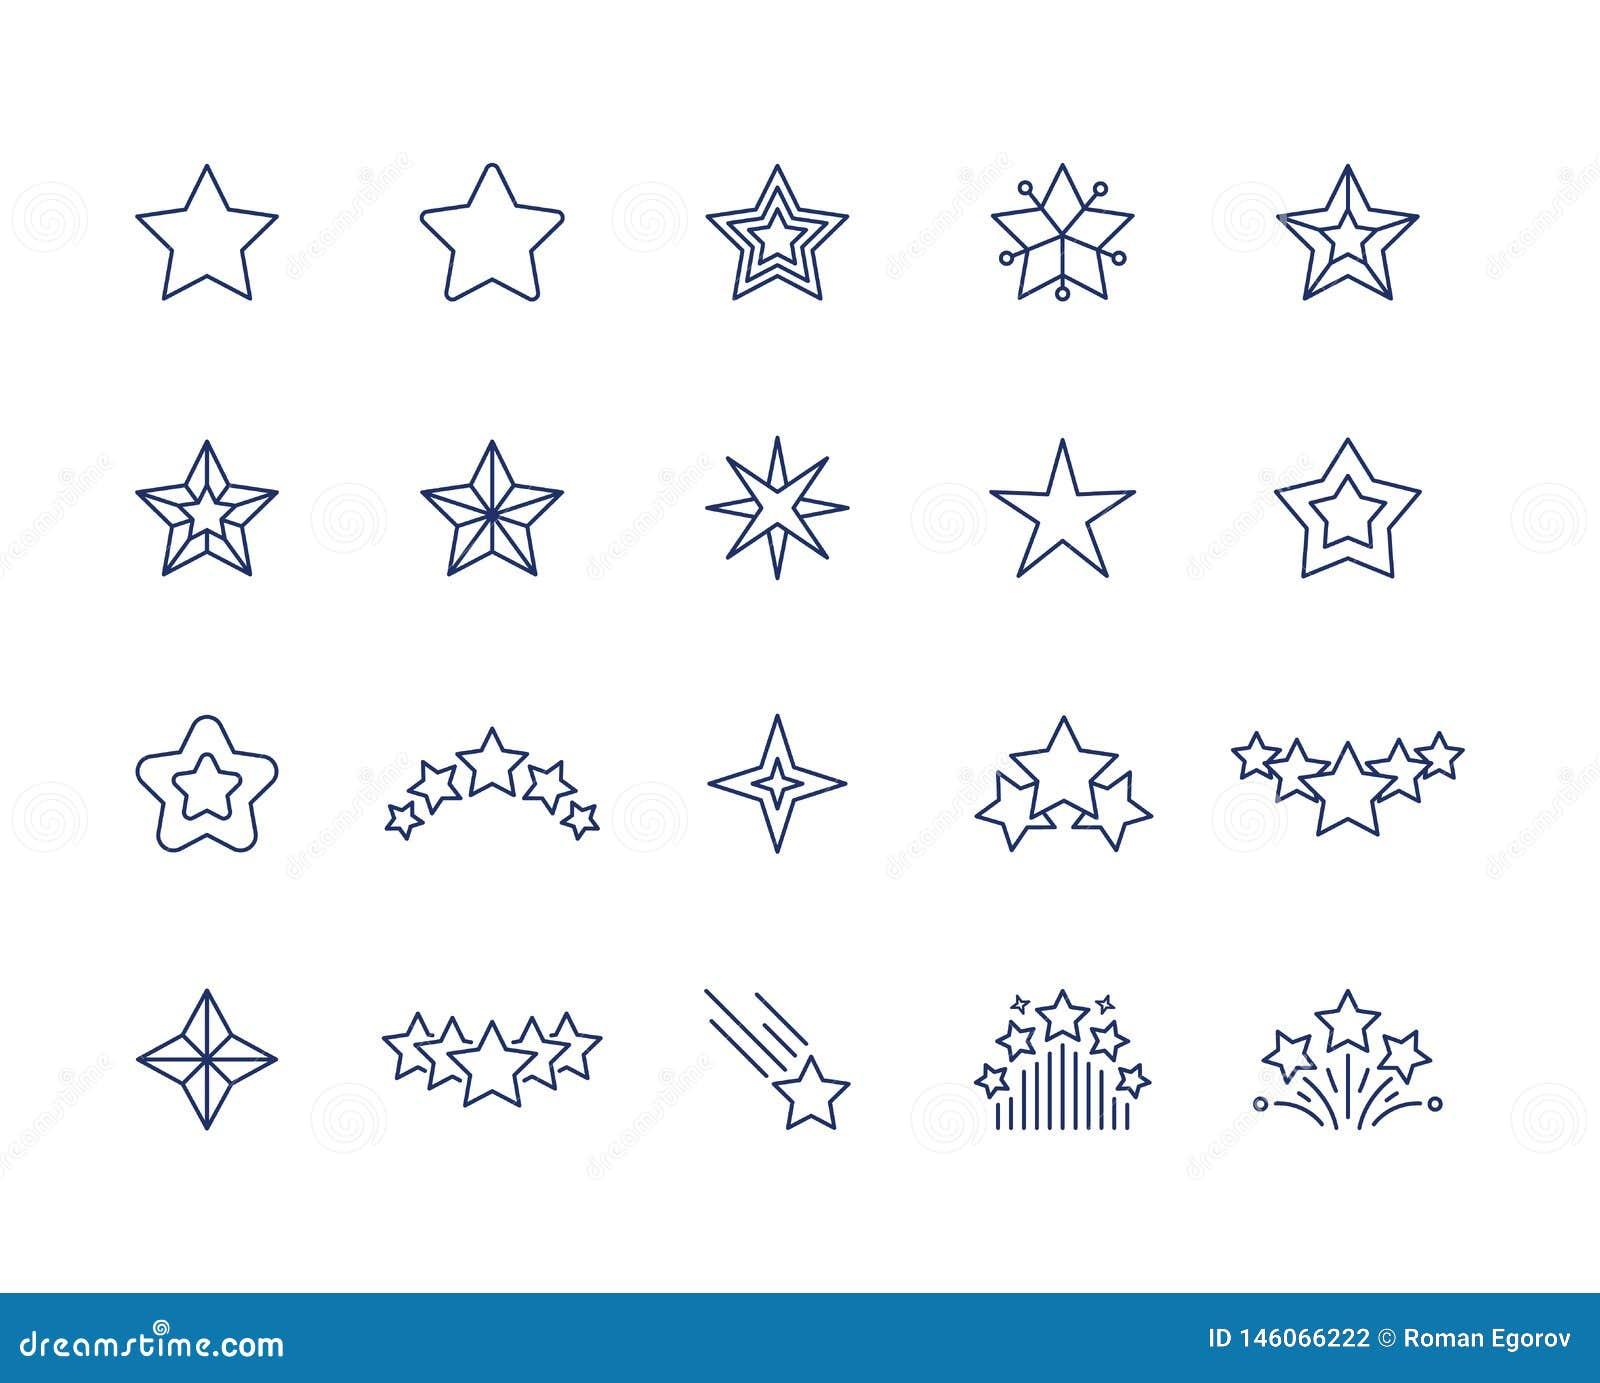 Εικονίδια γραμμών αστεριών Σύμβολα σπινθηρίσματος ασφαλίστρου καθορισμένα, μειωμένη συμπάθεια αστεριών πυροβολισμού ή όπως το εικ